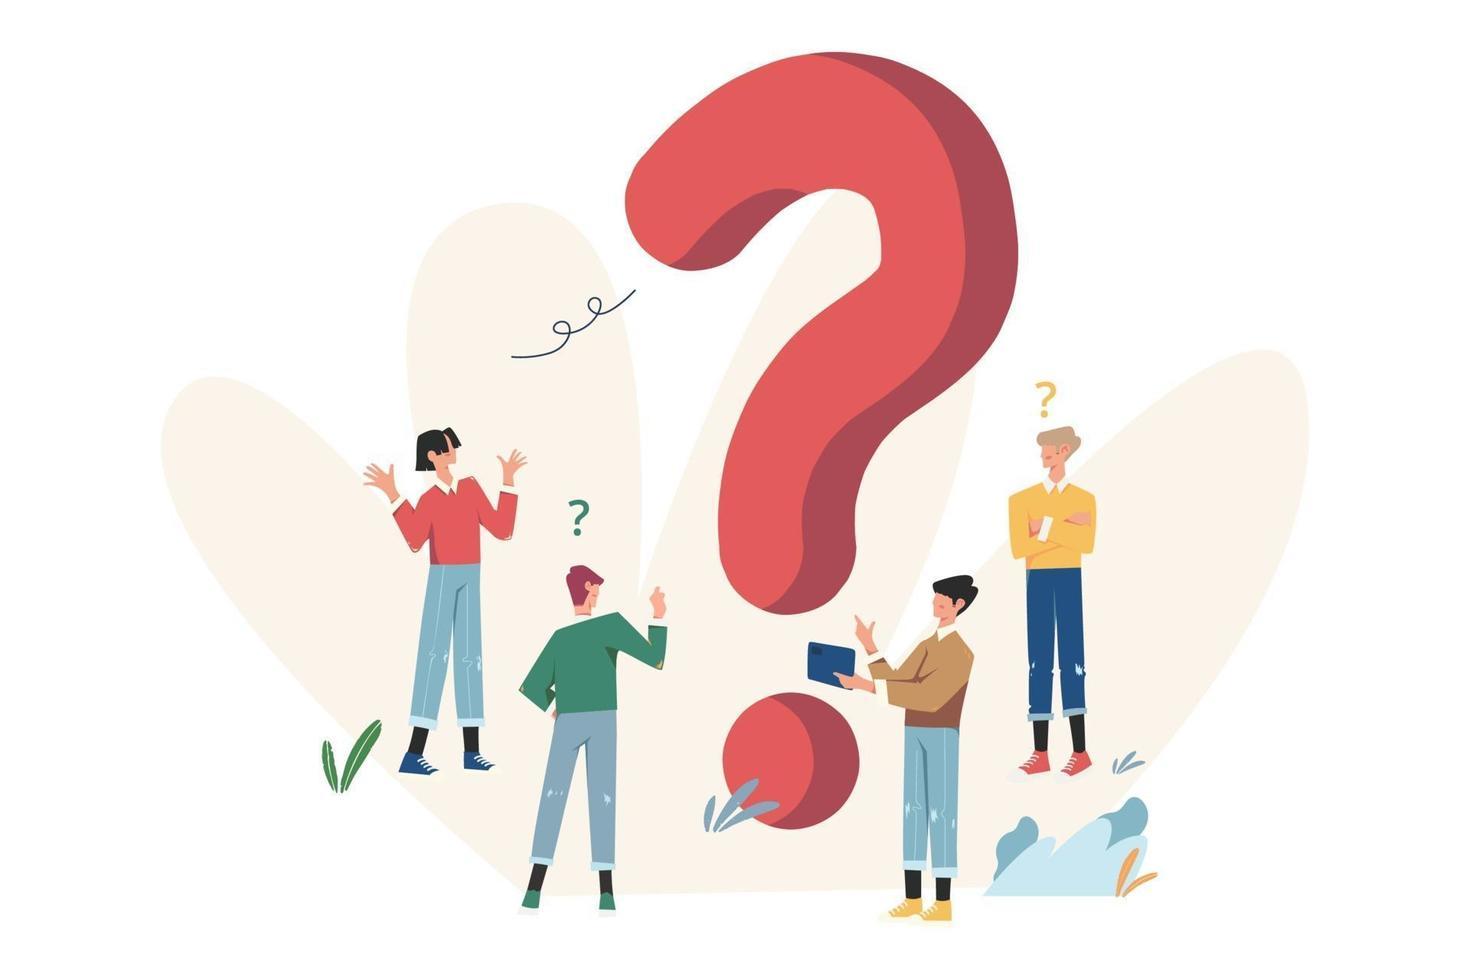 domande frequenti sui punti interrogativi vettore